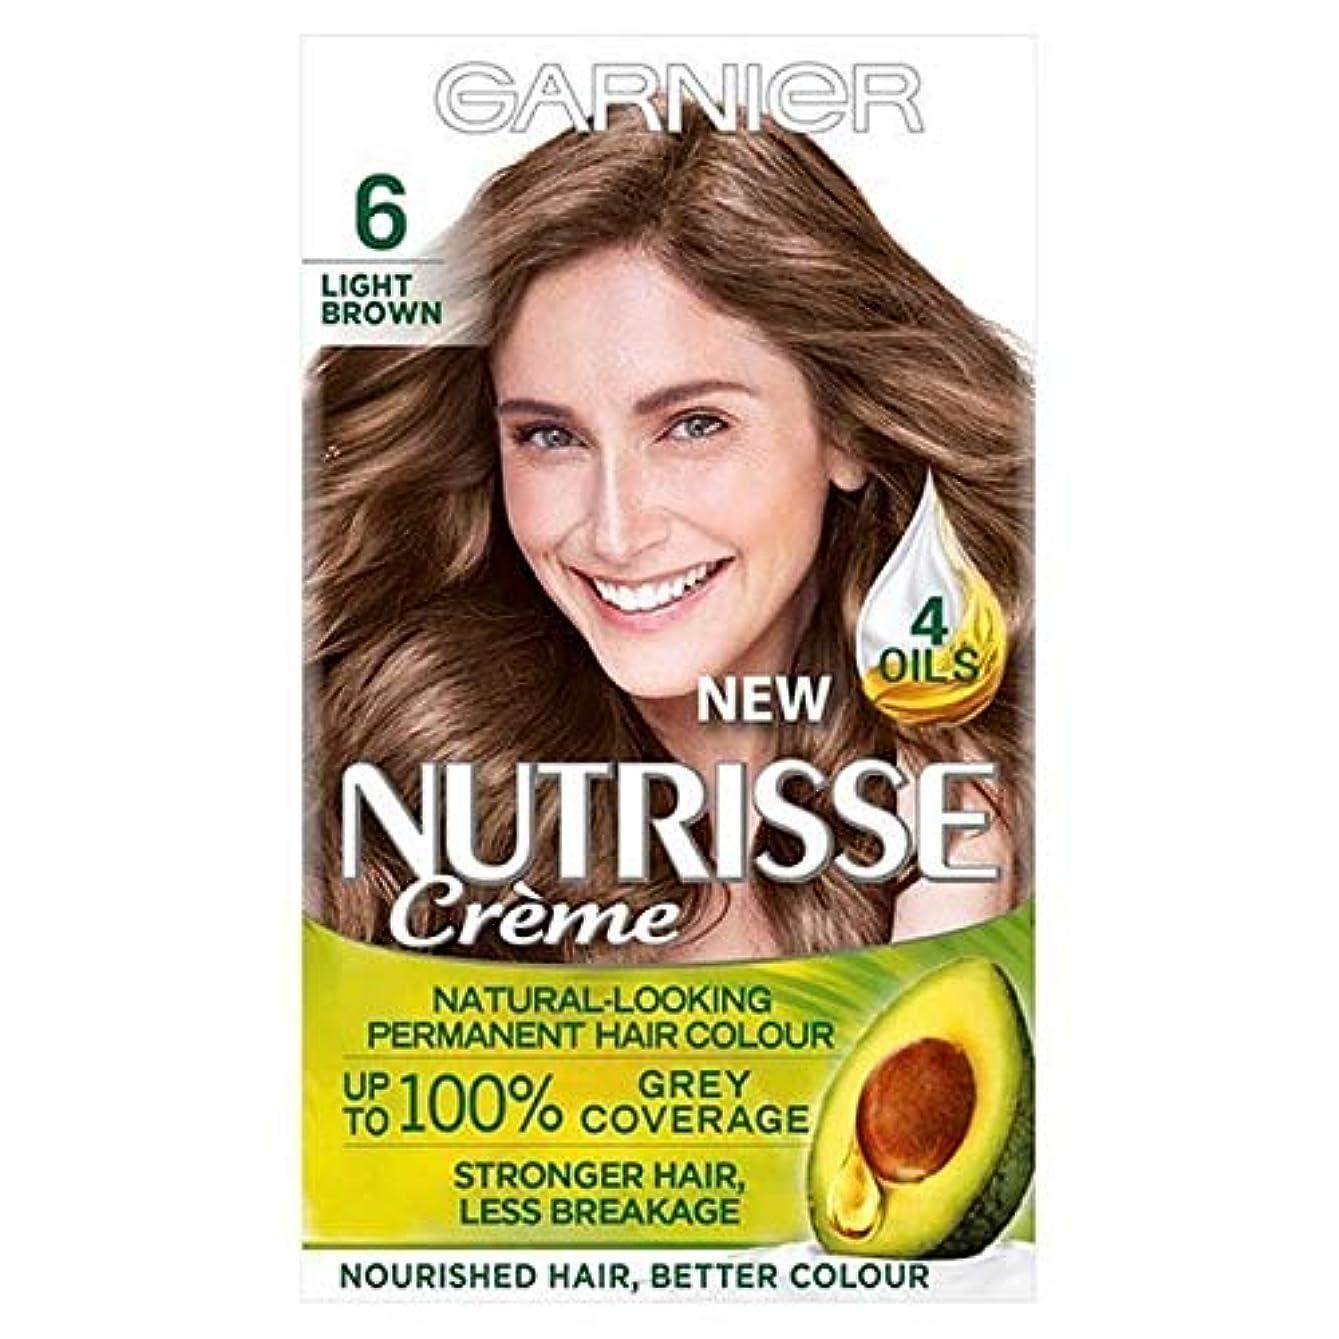 トムオードリースポンプ北[Garnier ] ガルニエNutrisse永久的な毛髪染料ライトブラウン6 - Garnier Nutrisse Permanent Hair Dye Light Brown 6 [並行輸入品]